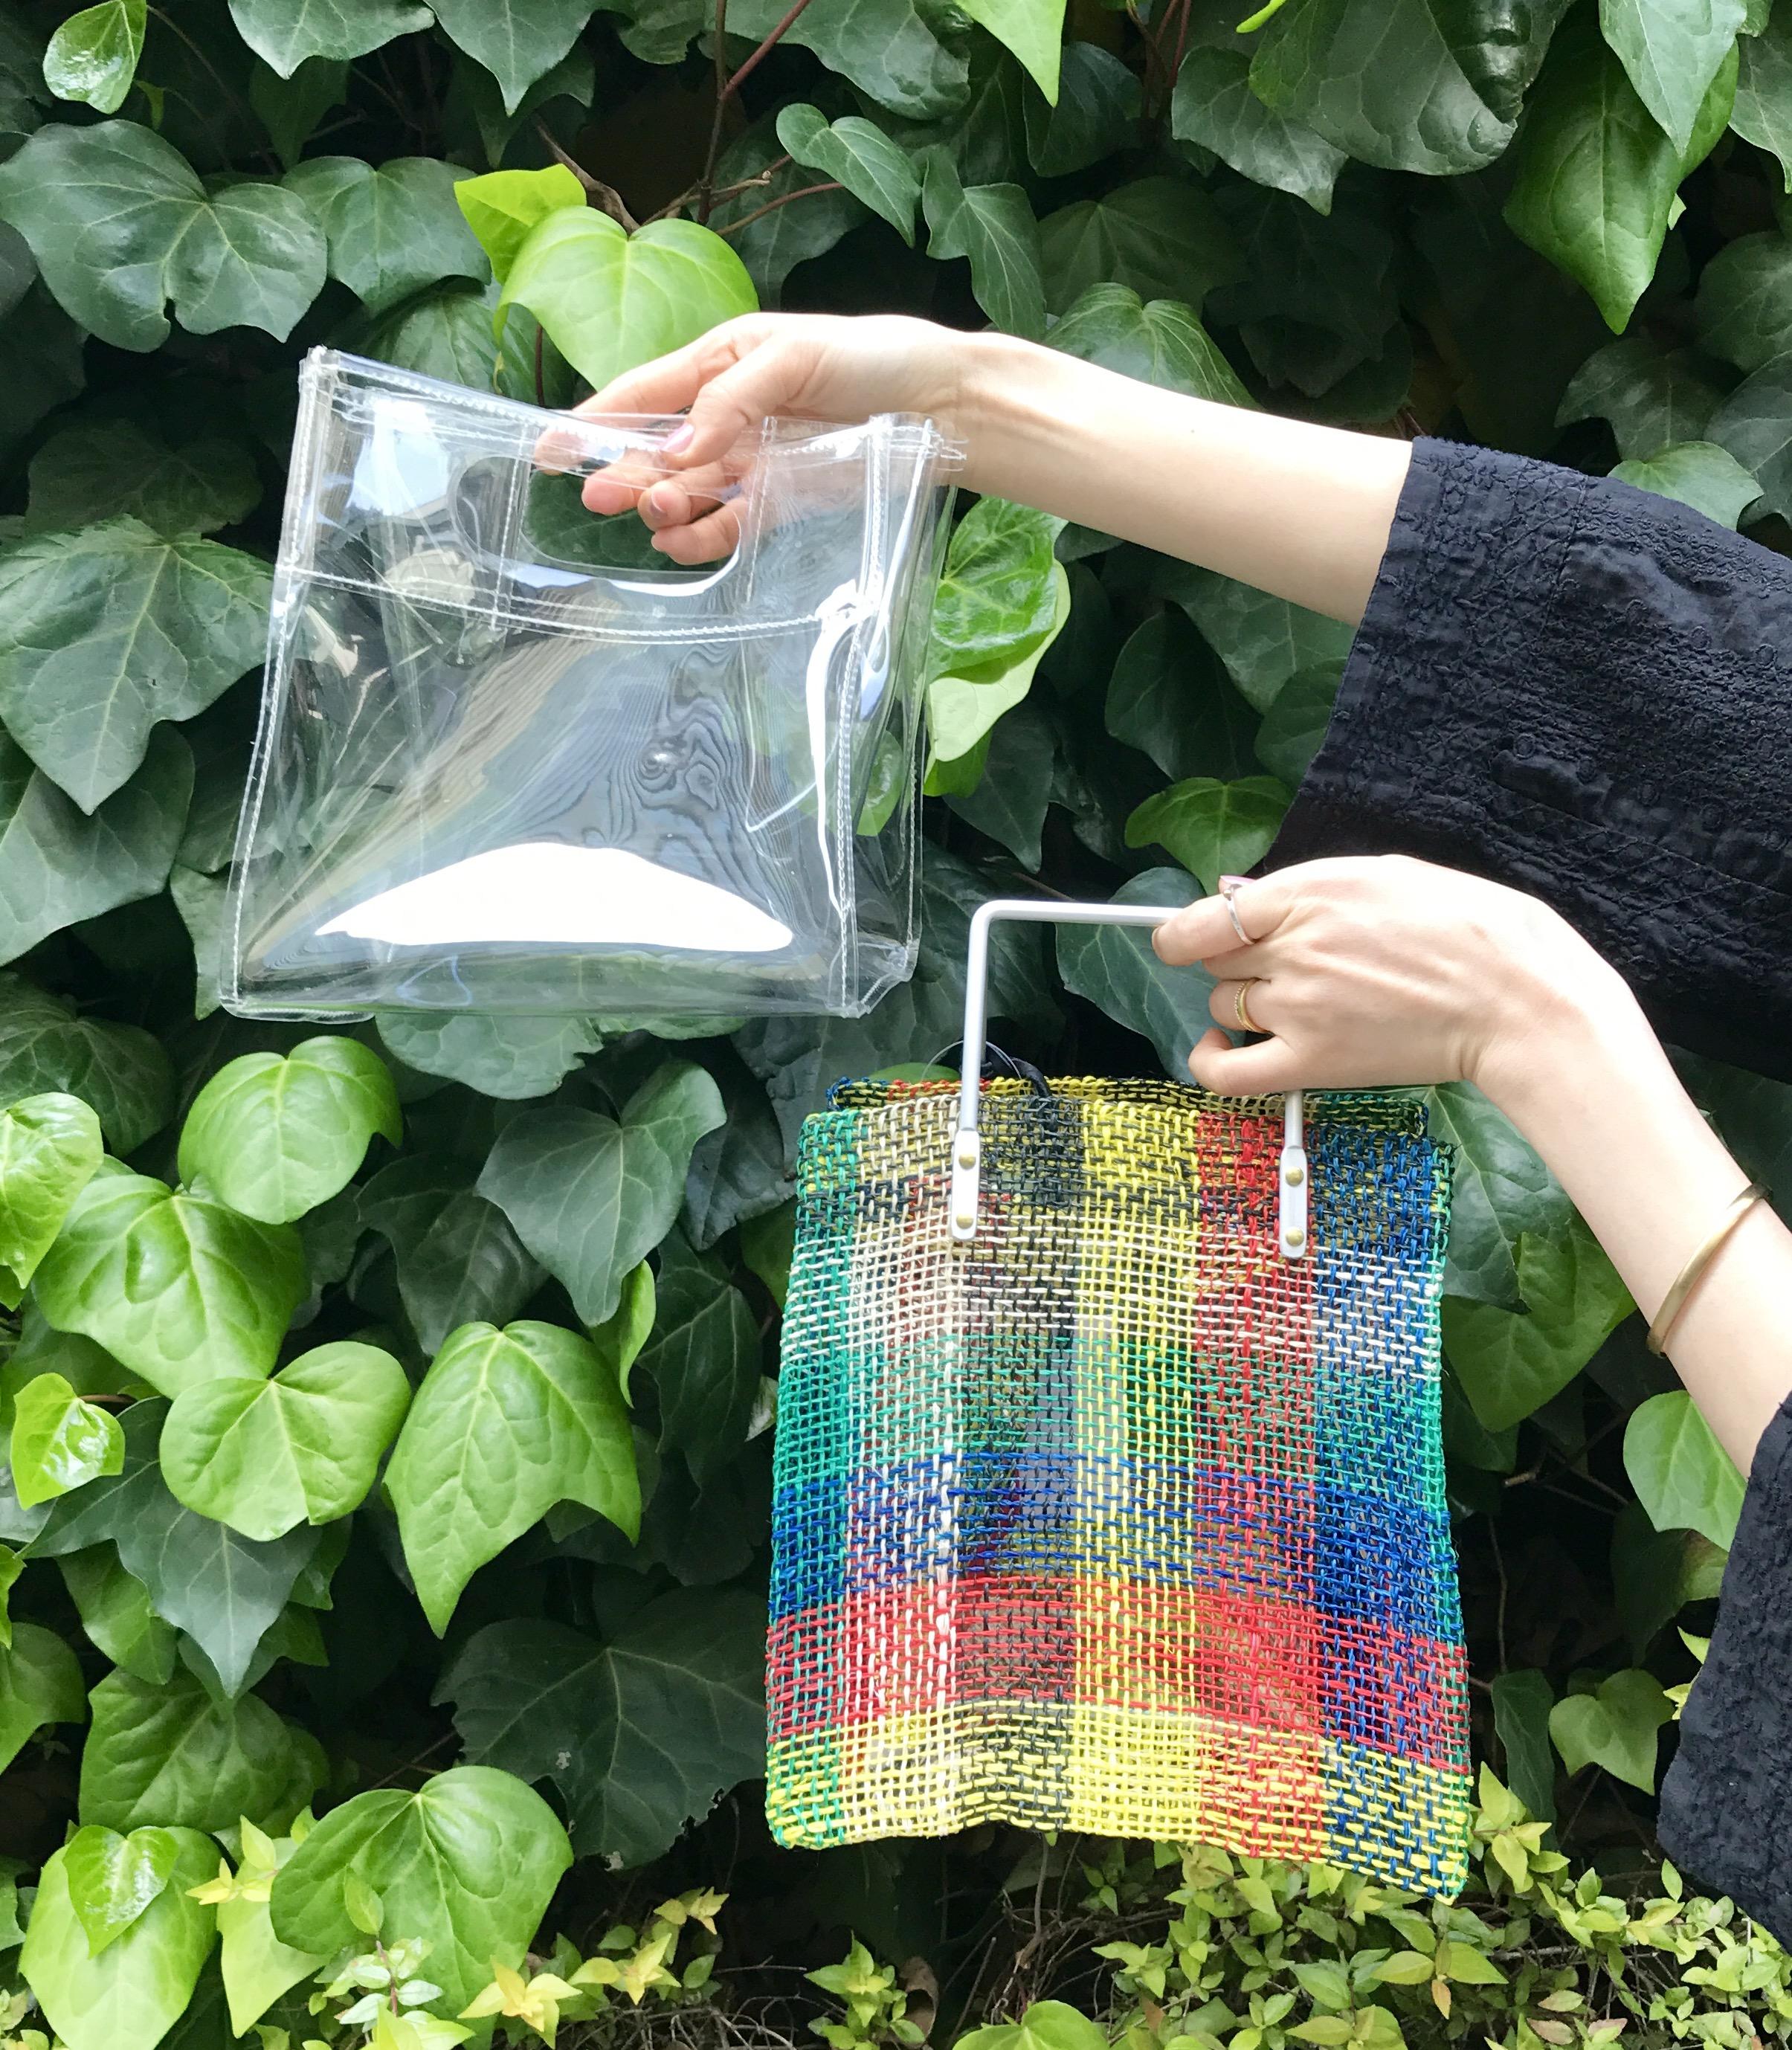 POMTATA Scrap Book pvc アバカ アルミ 有楽町マルイ ポンタタ スクラップブック 可愛い vinyl bag mesh bag ビニールインナー メッシュバッグ チェック柄バッグ 2way bag 日本ブランド